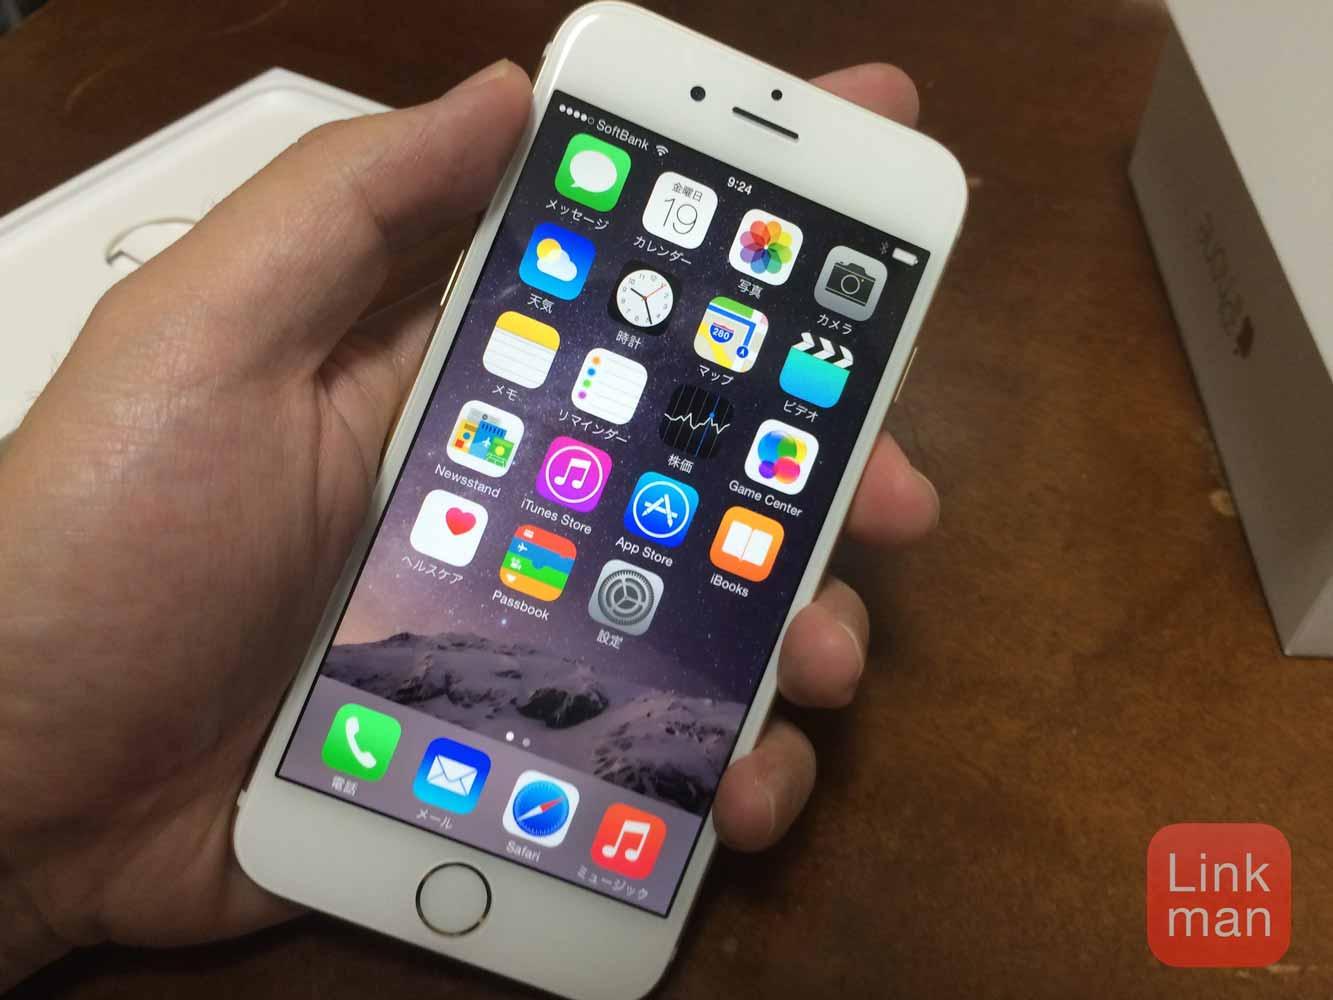 Apple、「iPhone 6」のバッテリー交換プログラムを行う可能性!?